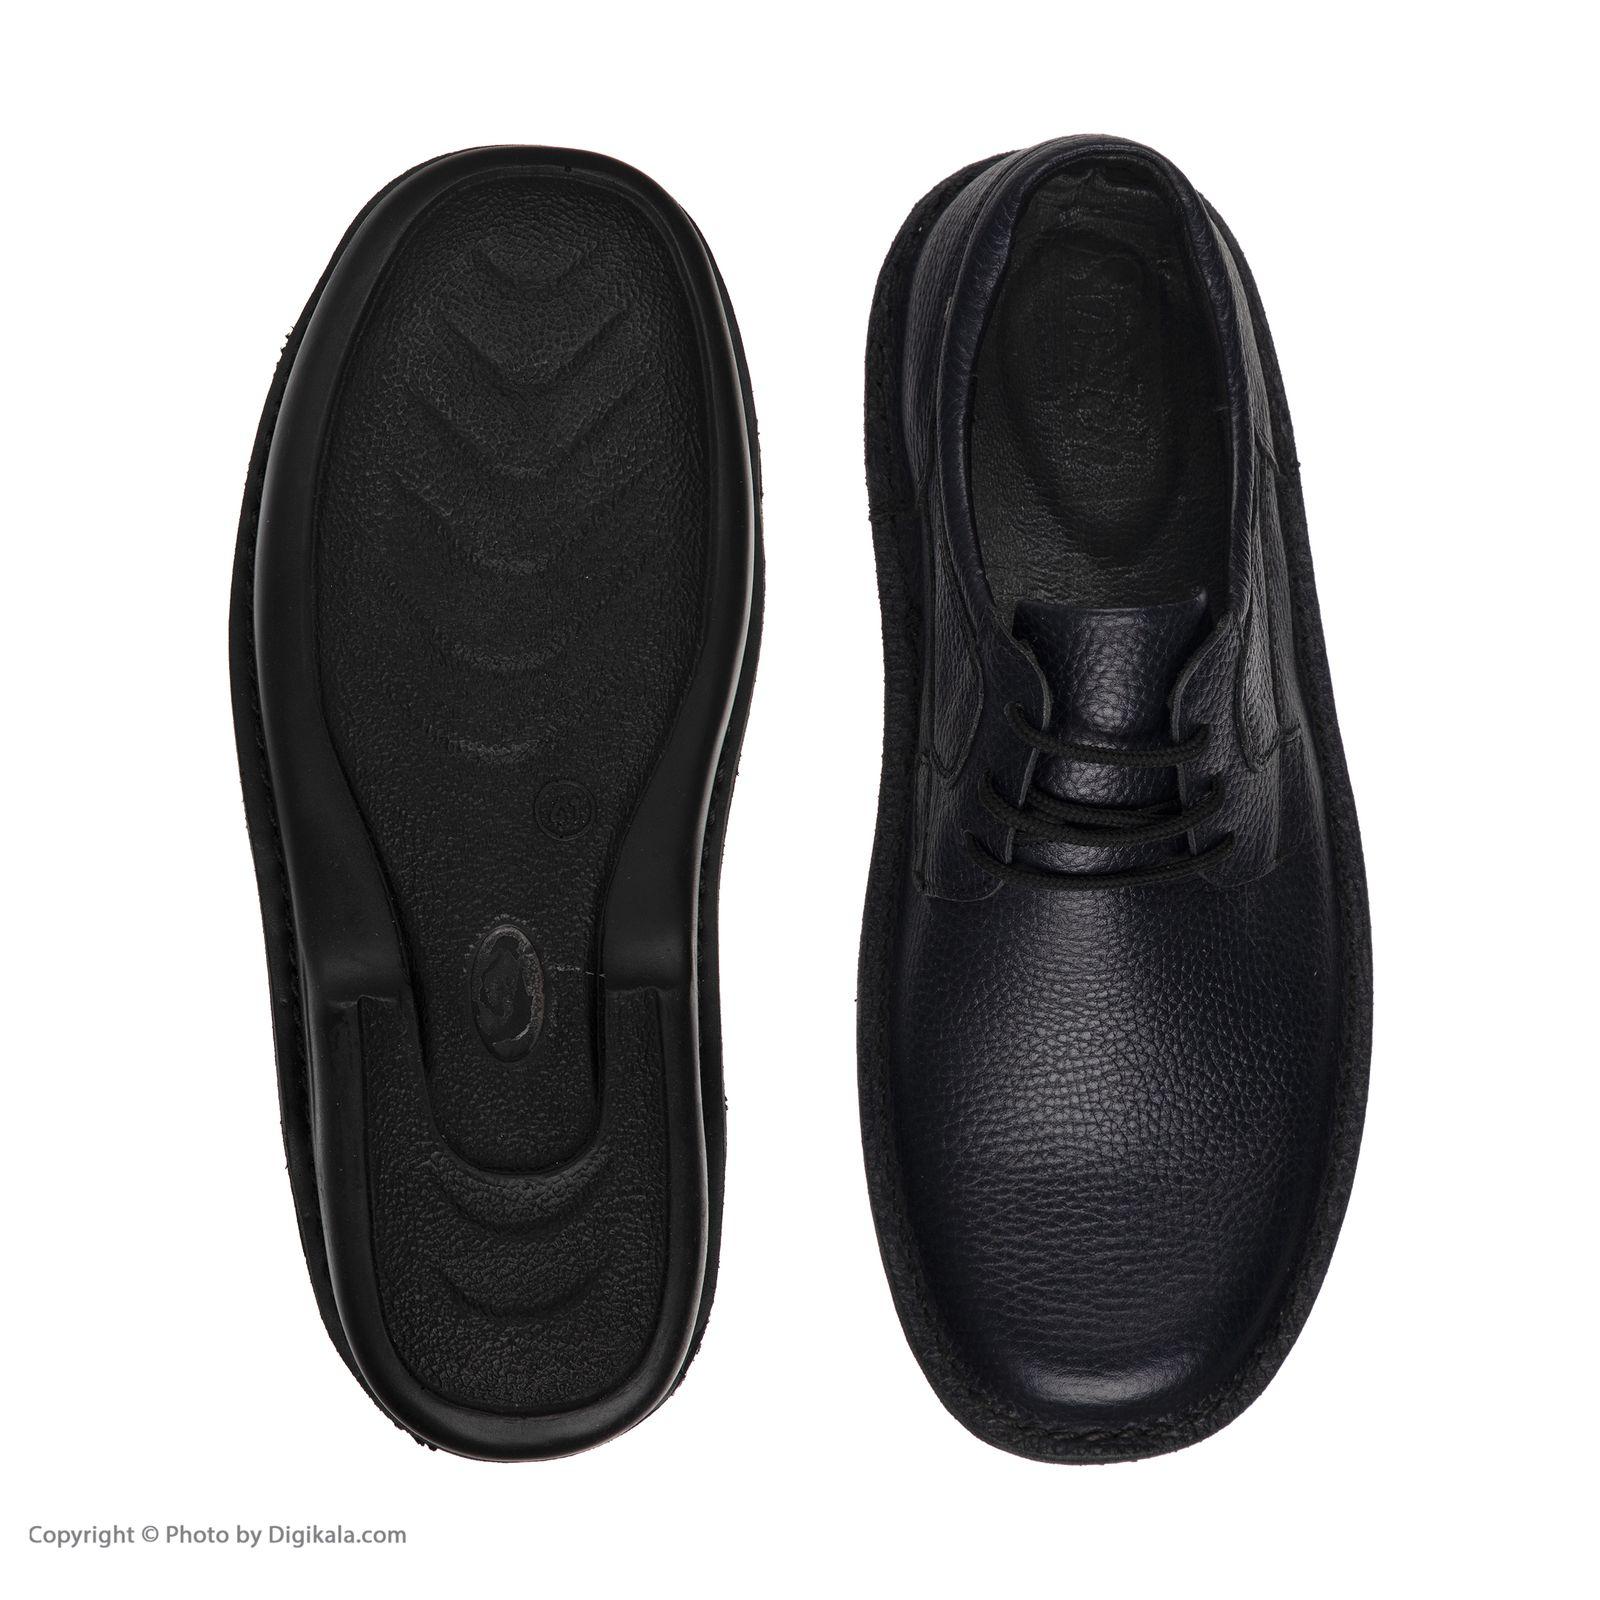 کفش روزمره مردانه سوته مدل 4789A501103 -  - 4